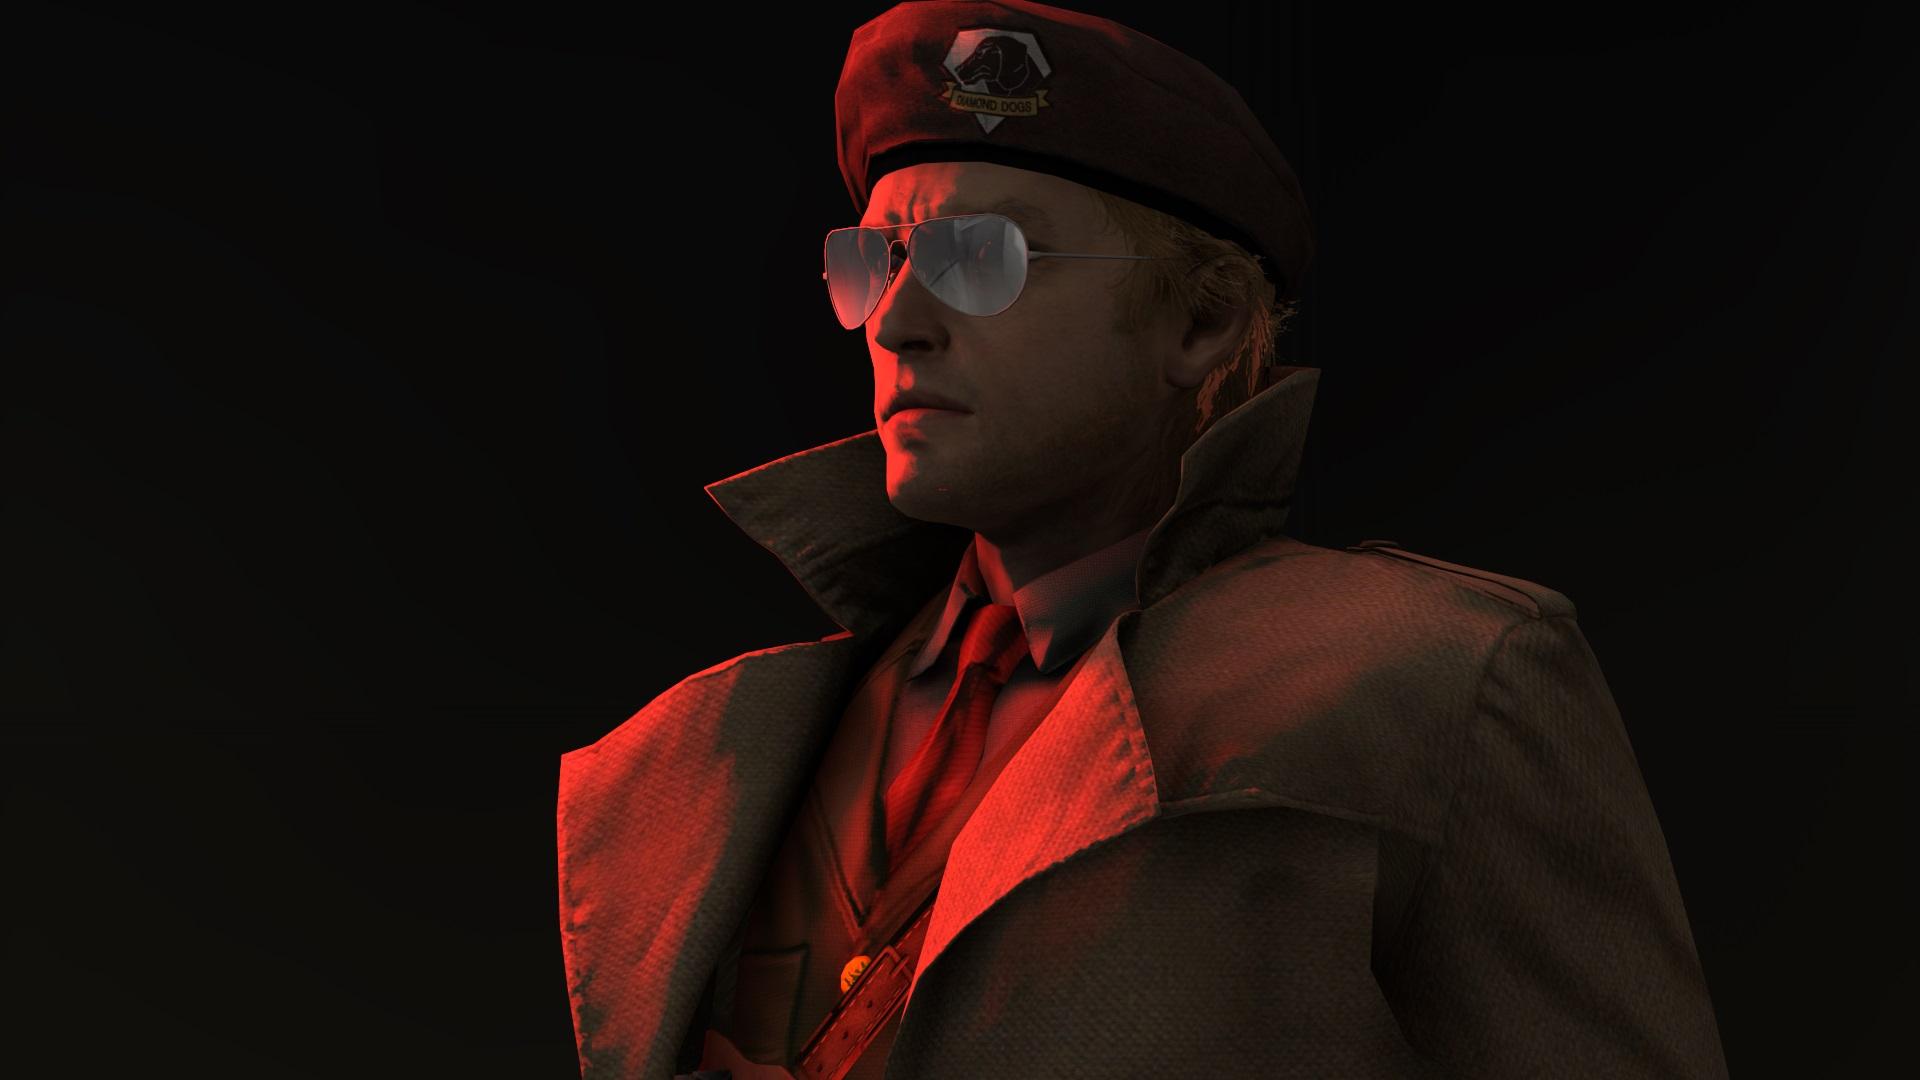 Steam Community Screenshot Sfm Kaz Miller He recognizes big boss but maybe sees him as a blur or not too well (it's dark after all). screenshot sfm kaz miller